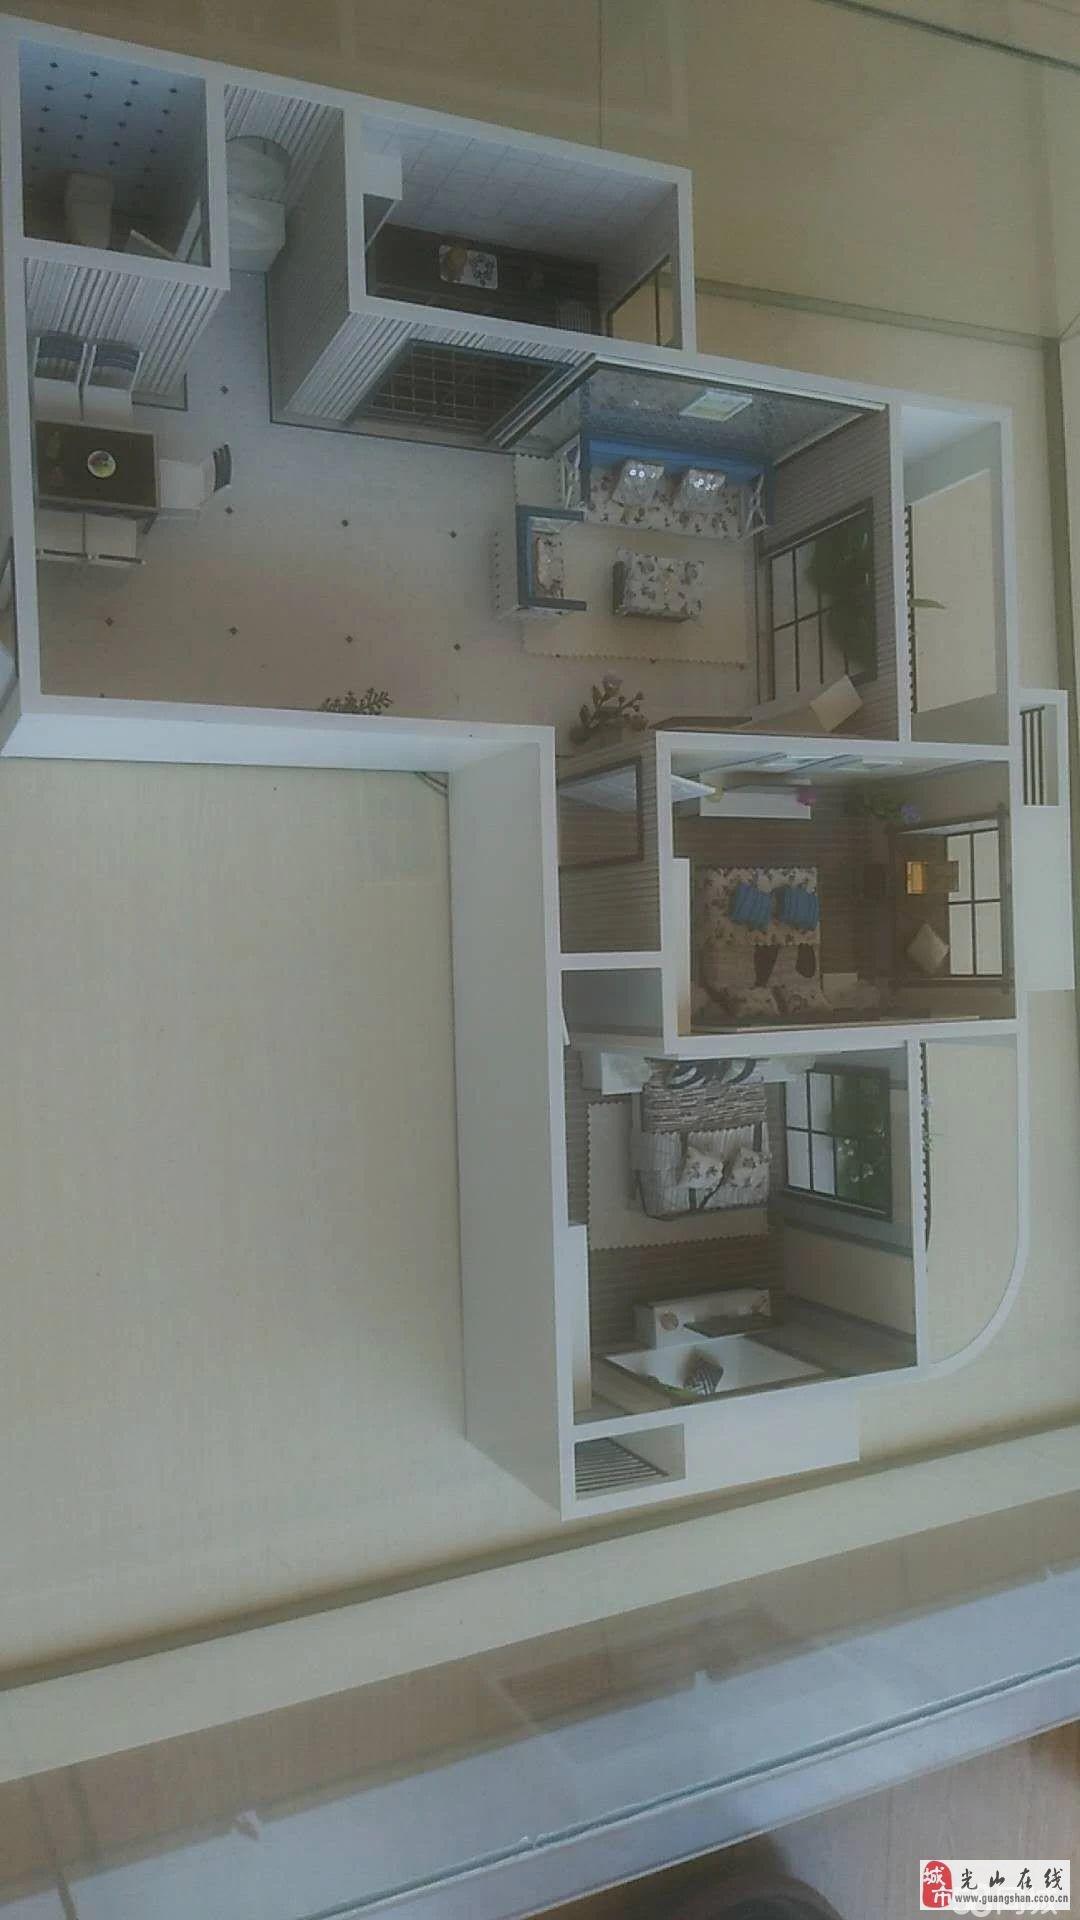 天境广场2室2厅1卫61万元